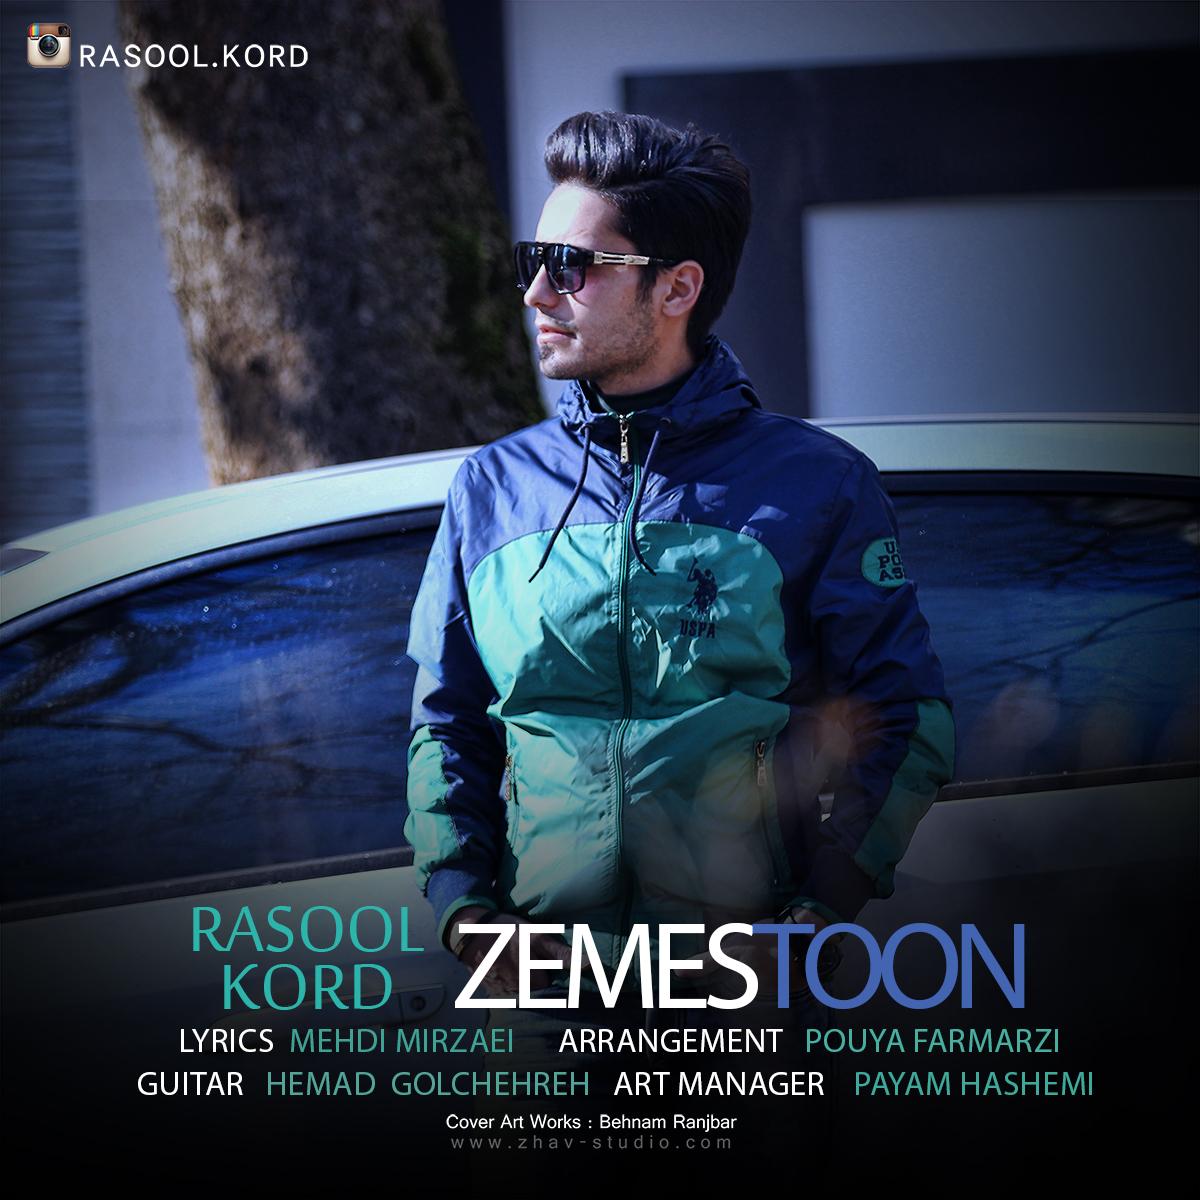 Rasool kord – Zemestoon